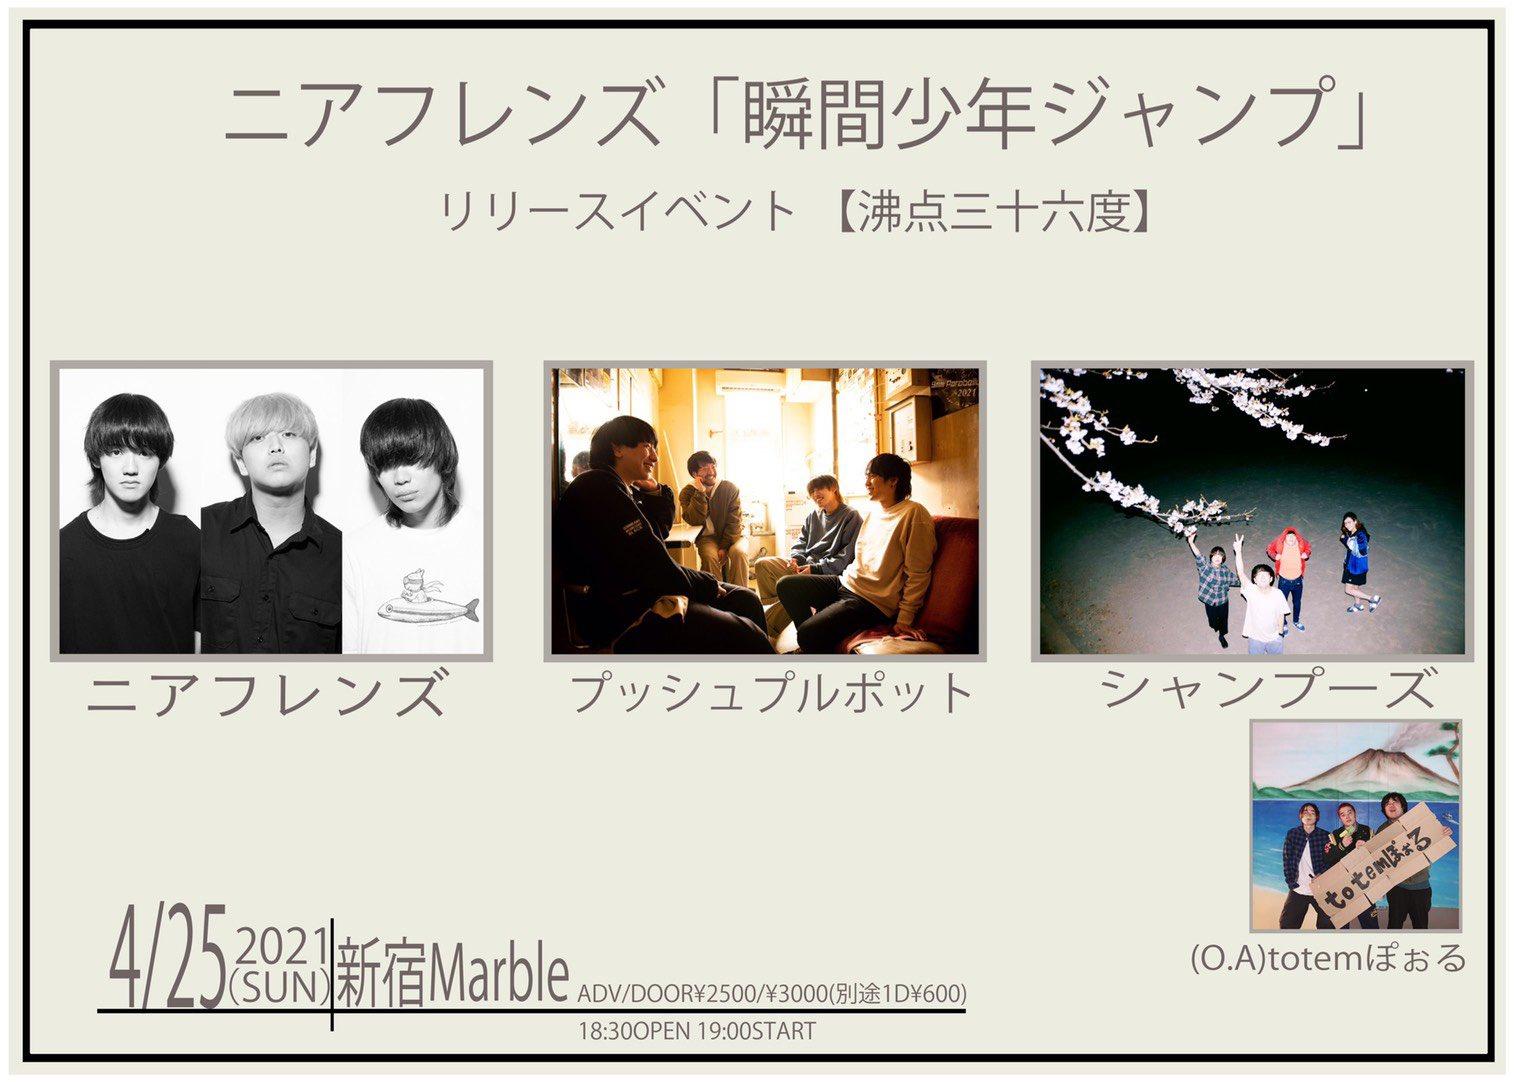 ニアフレンズ2nd single「瞬間少年ジャンプ」リリースイベント 【沸点三十六度】